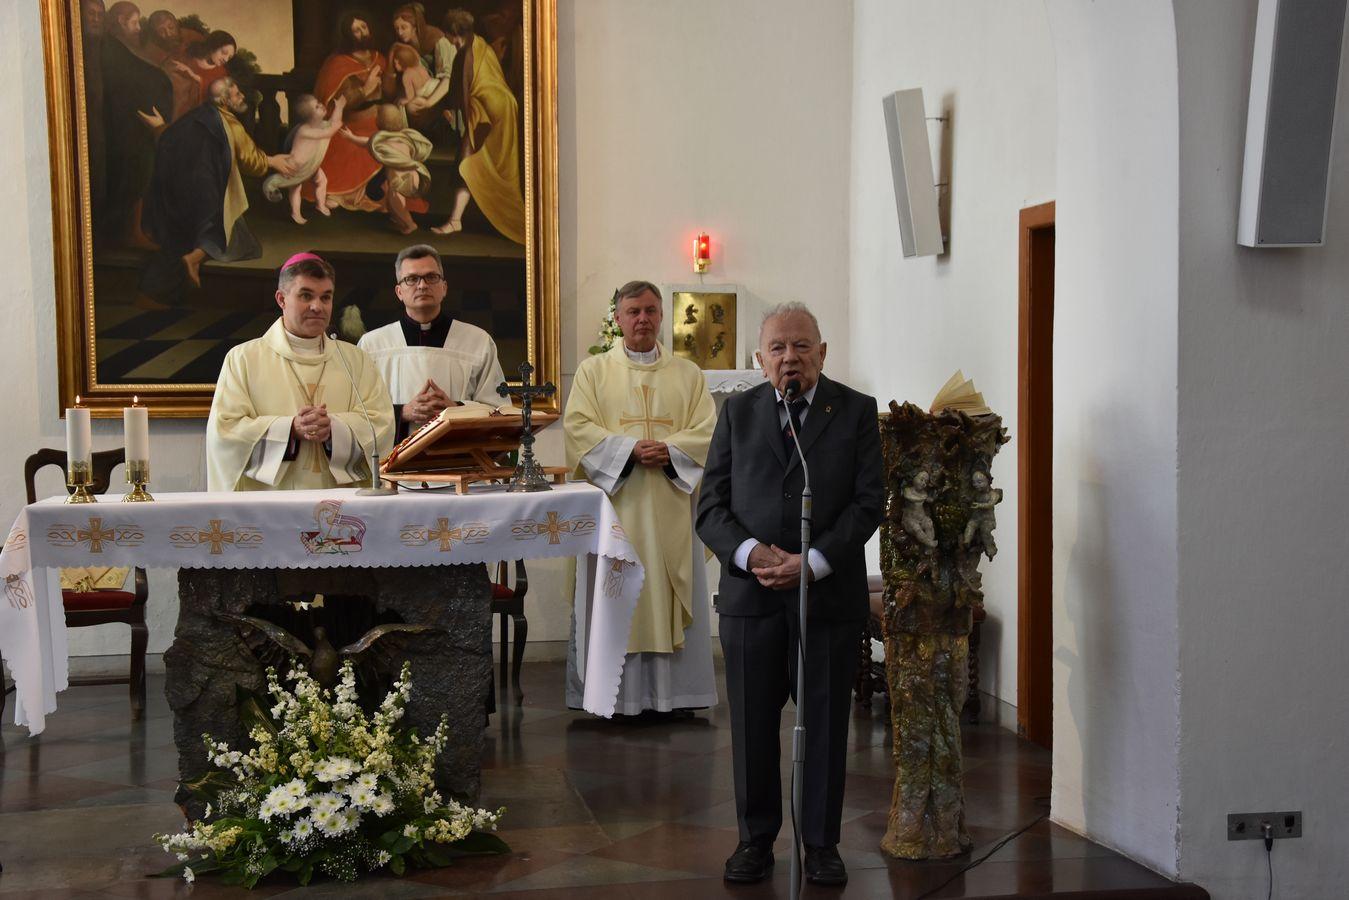 Msza św. w Kaplicy Królewskiej fot. J. Wikowski A31_7079